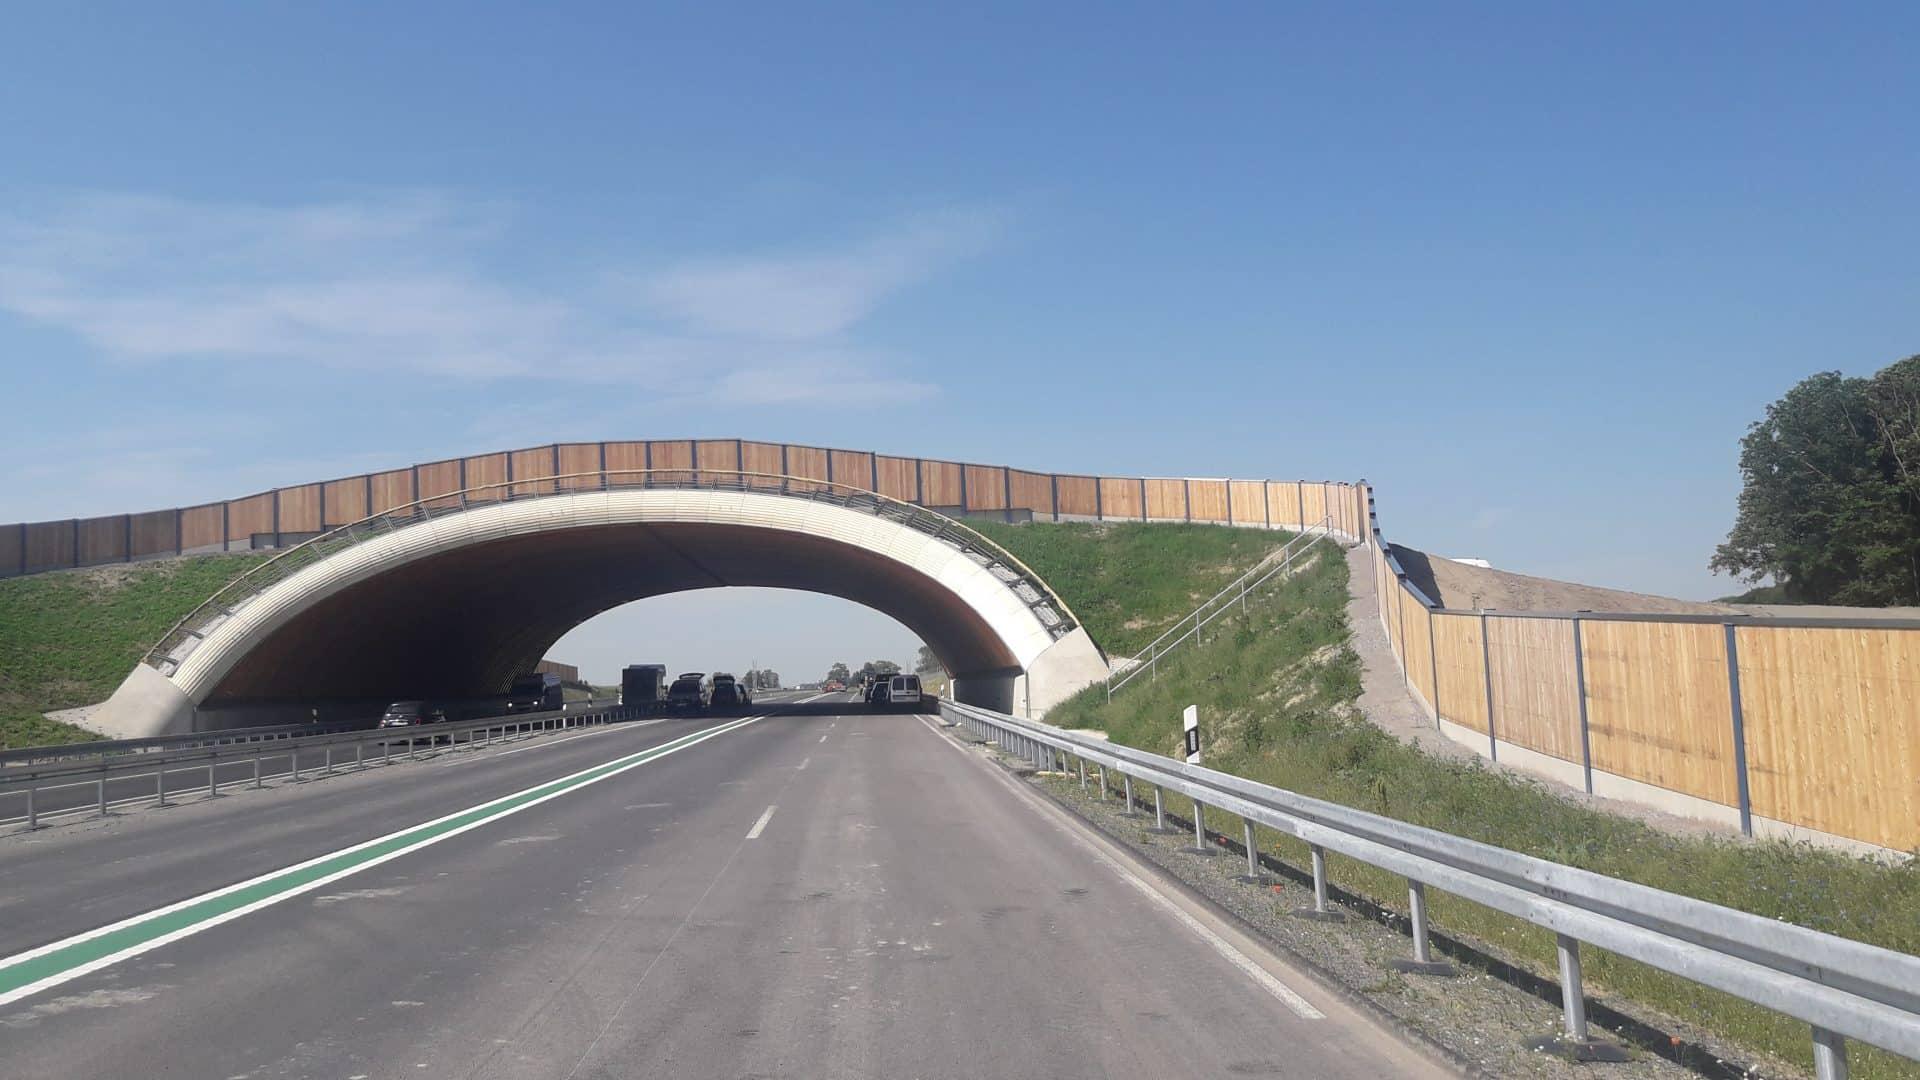 Lärmschutzwand auf Brücke, Holz, Schleswig-Holstein